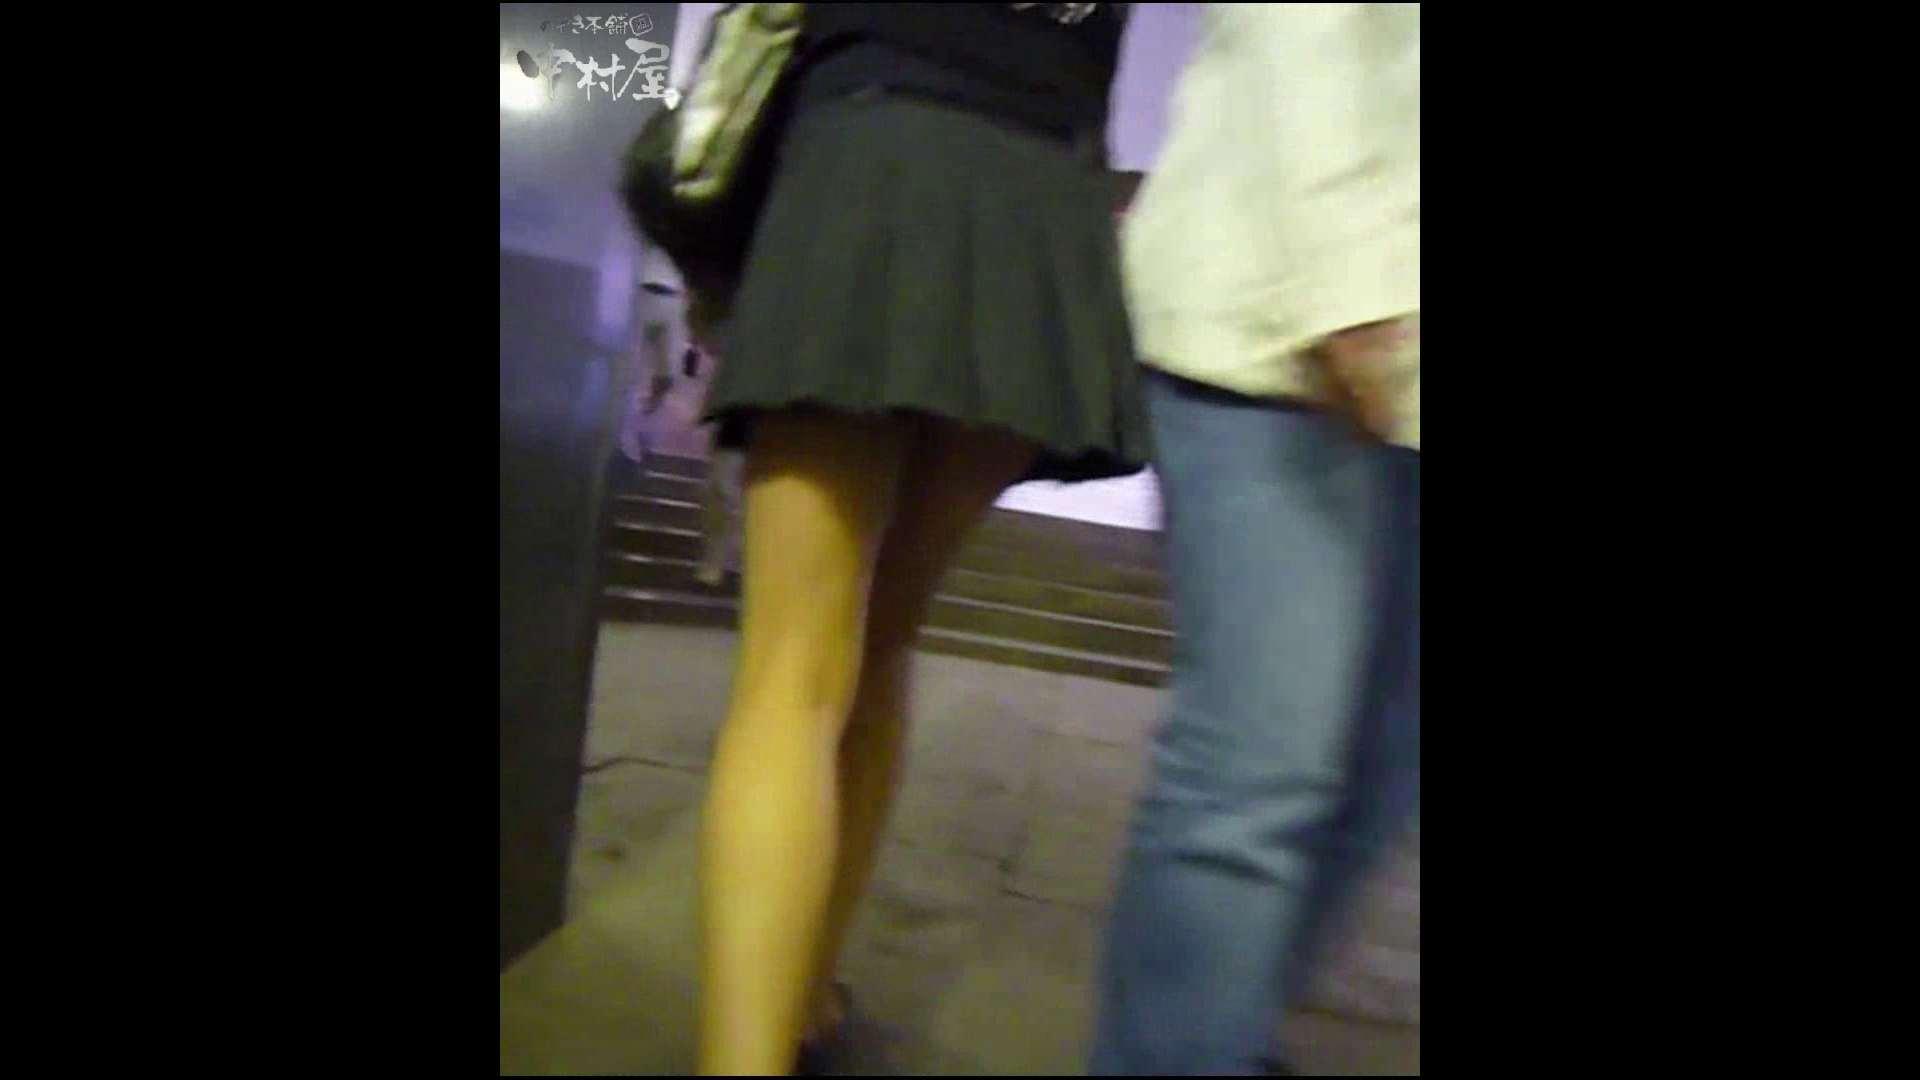 綺麗なモデルさんのスカート捲っちゃおう‼ vol26 OLのエロ生活  29連発 3